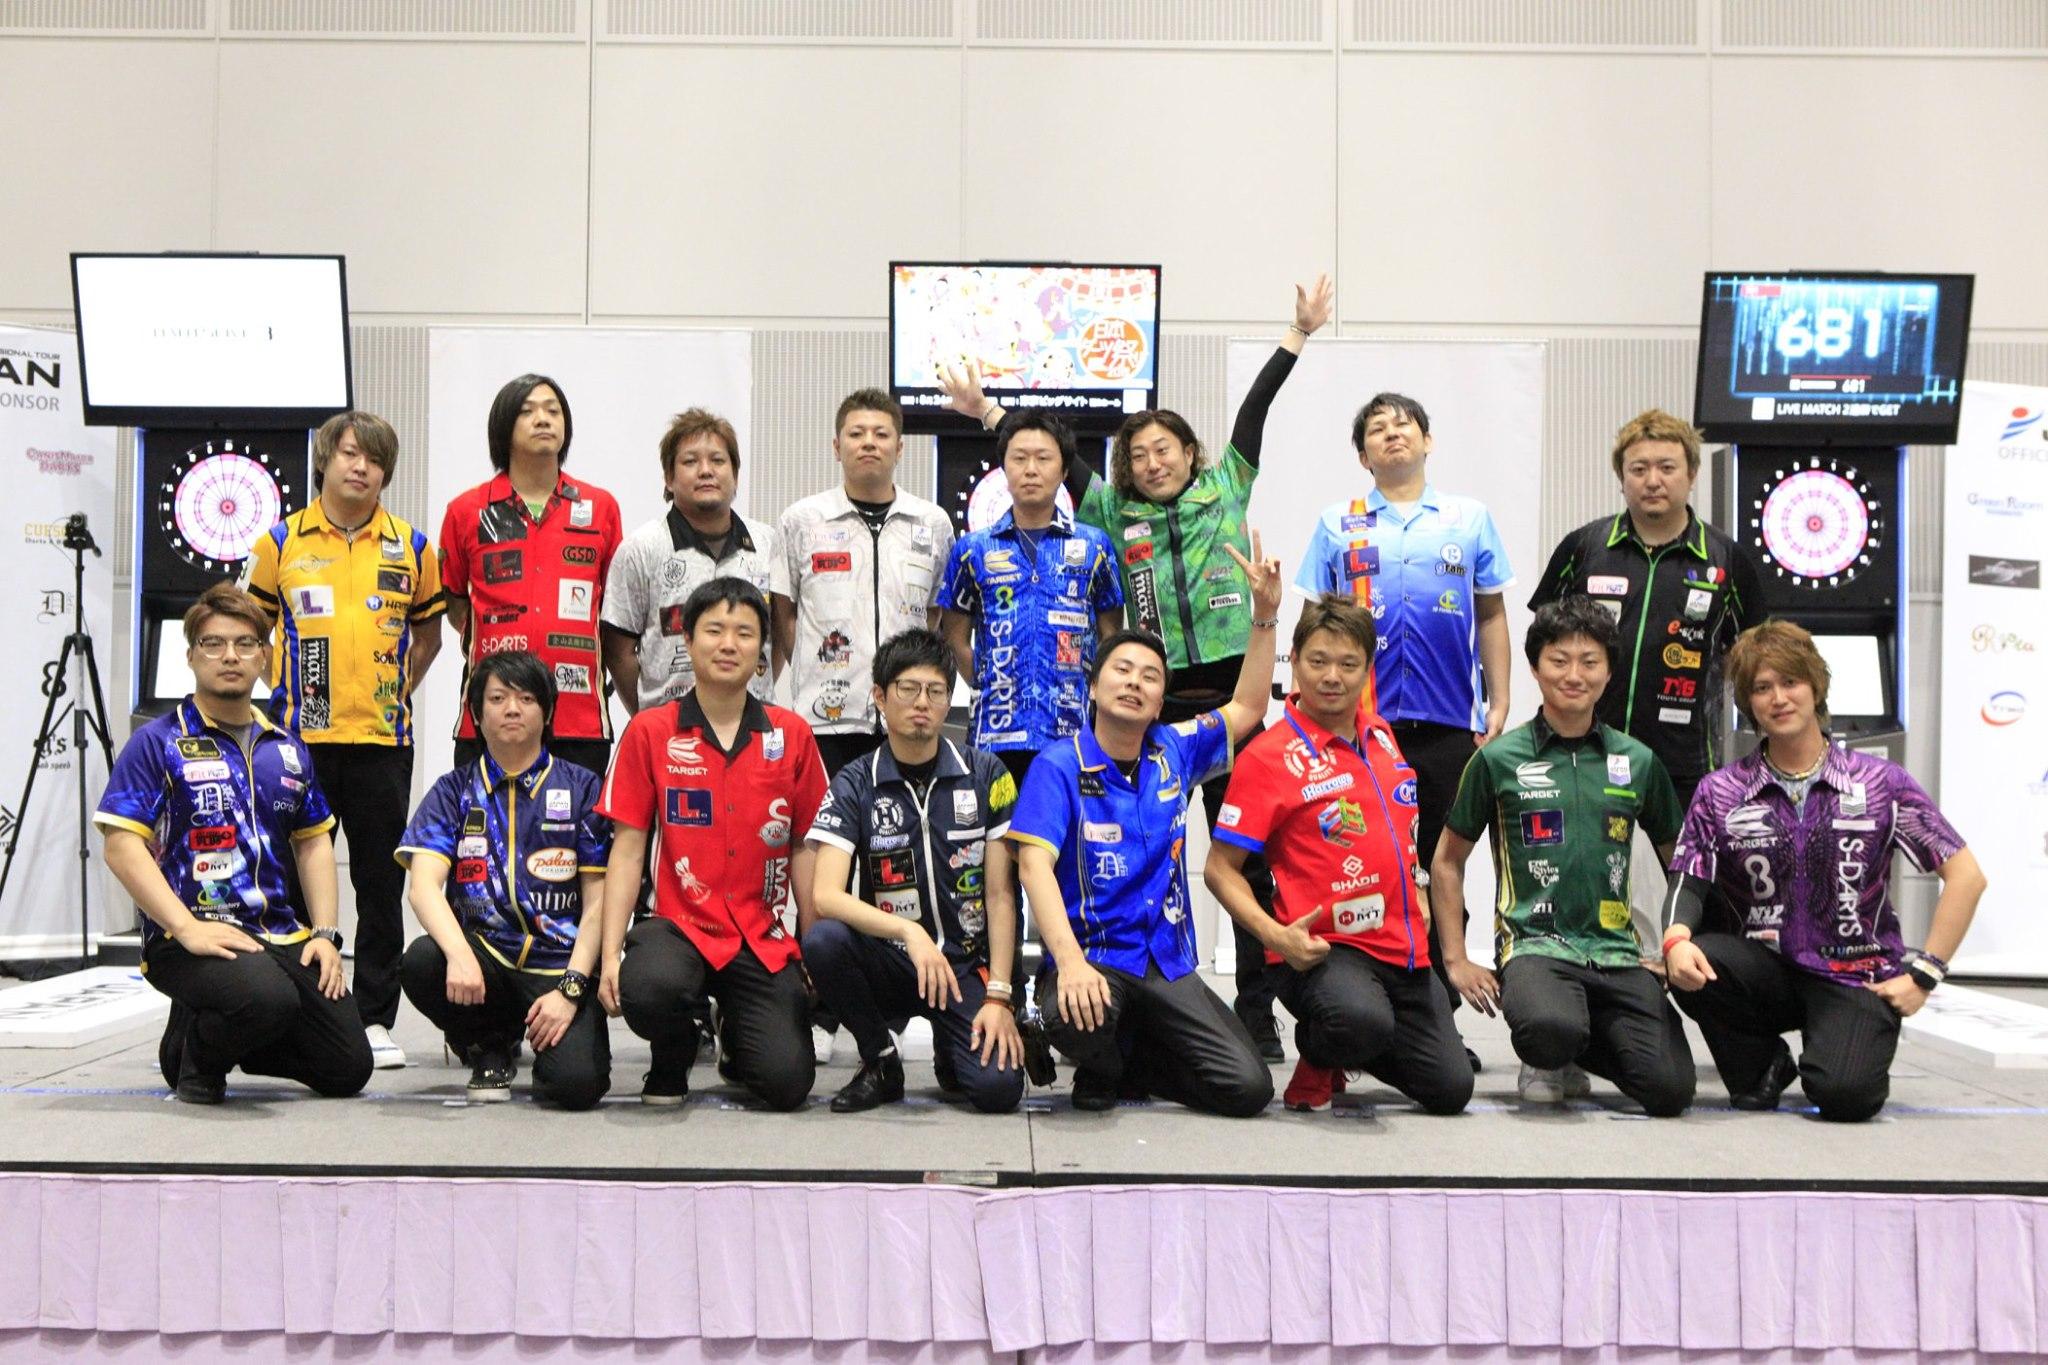 【JAPAN 2019】STAGE 5 新潟:JAPAN 16